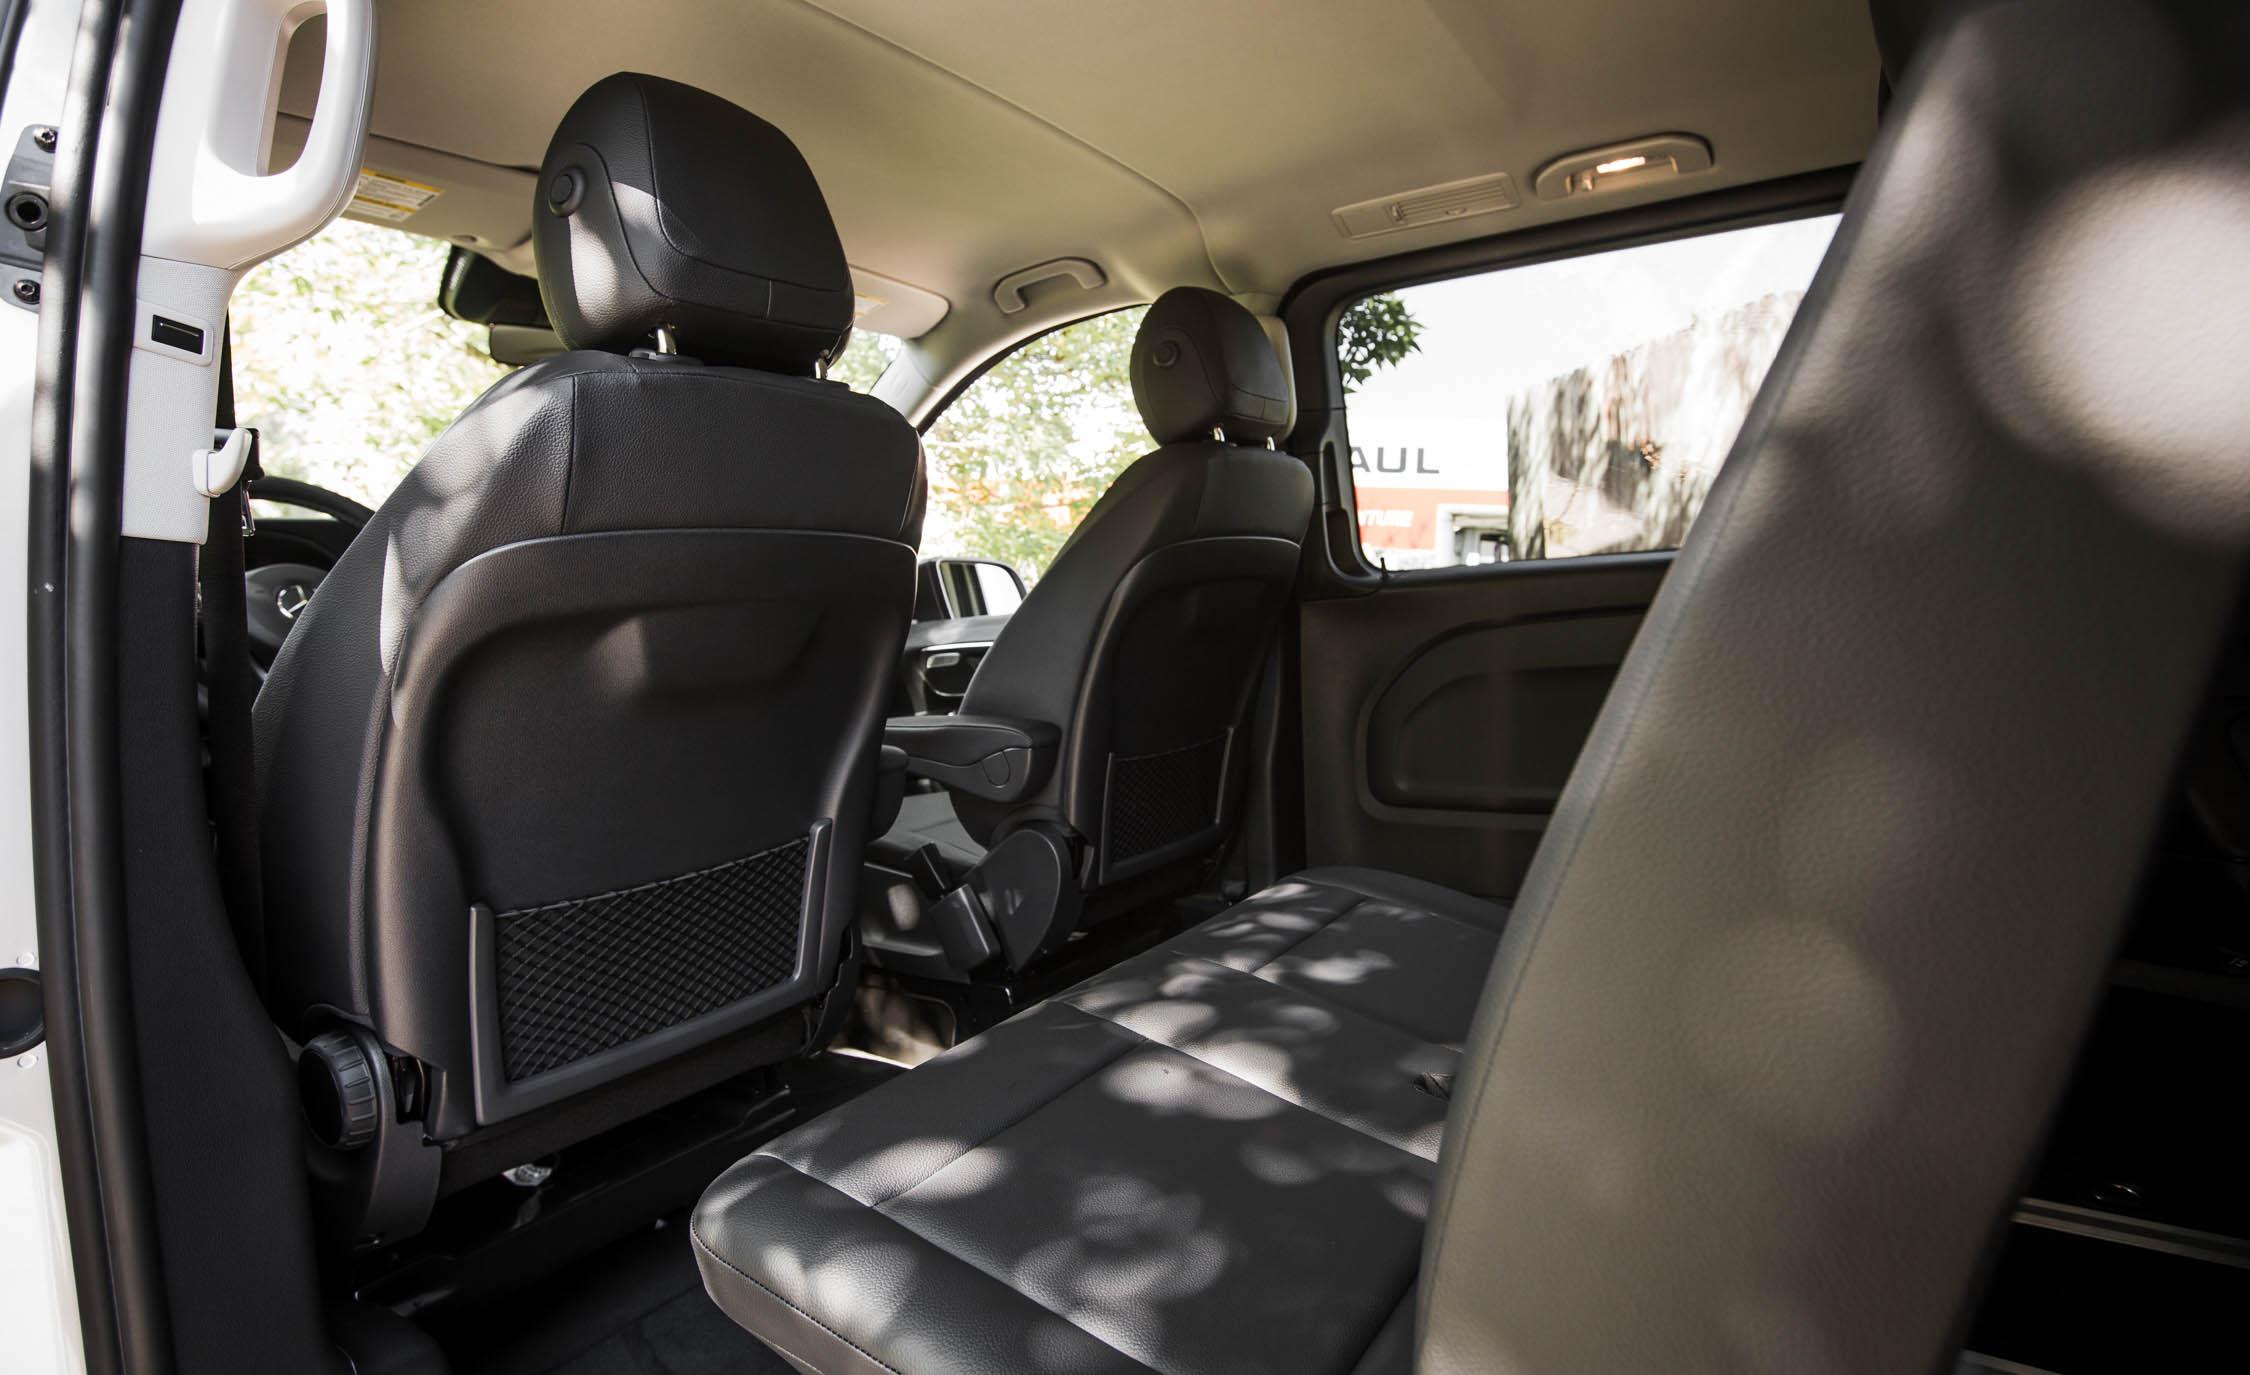 2016 Mercedes-Benz Metris Interior Rear Space